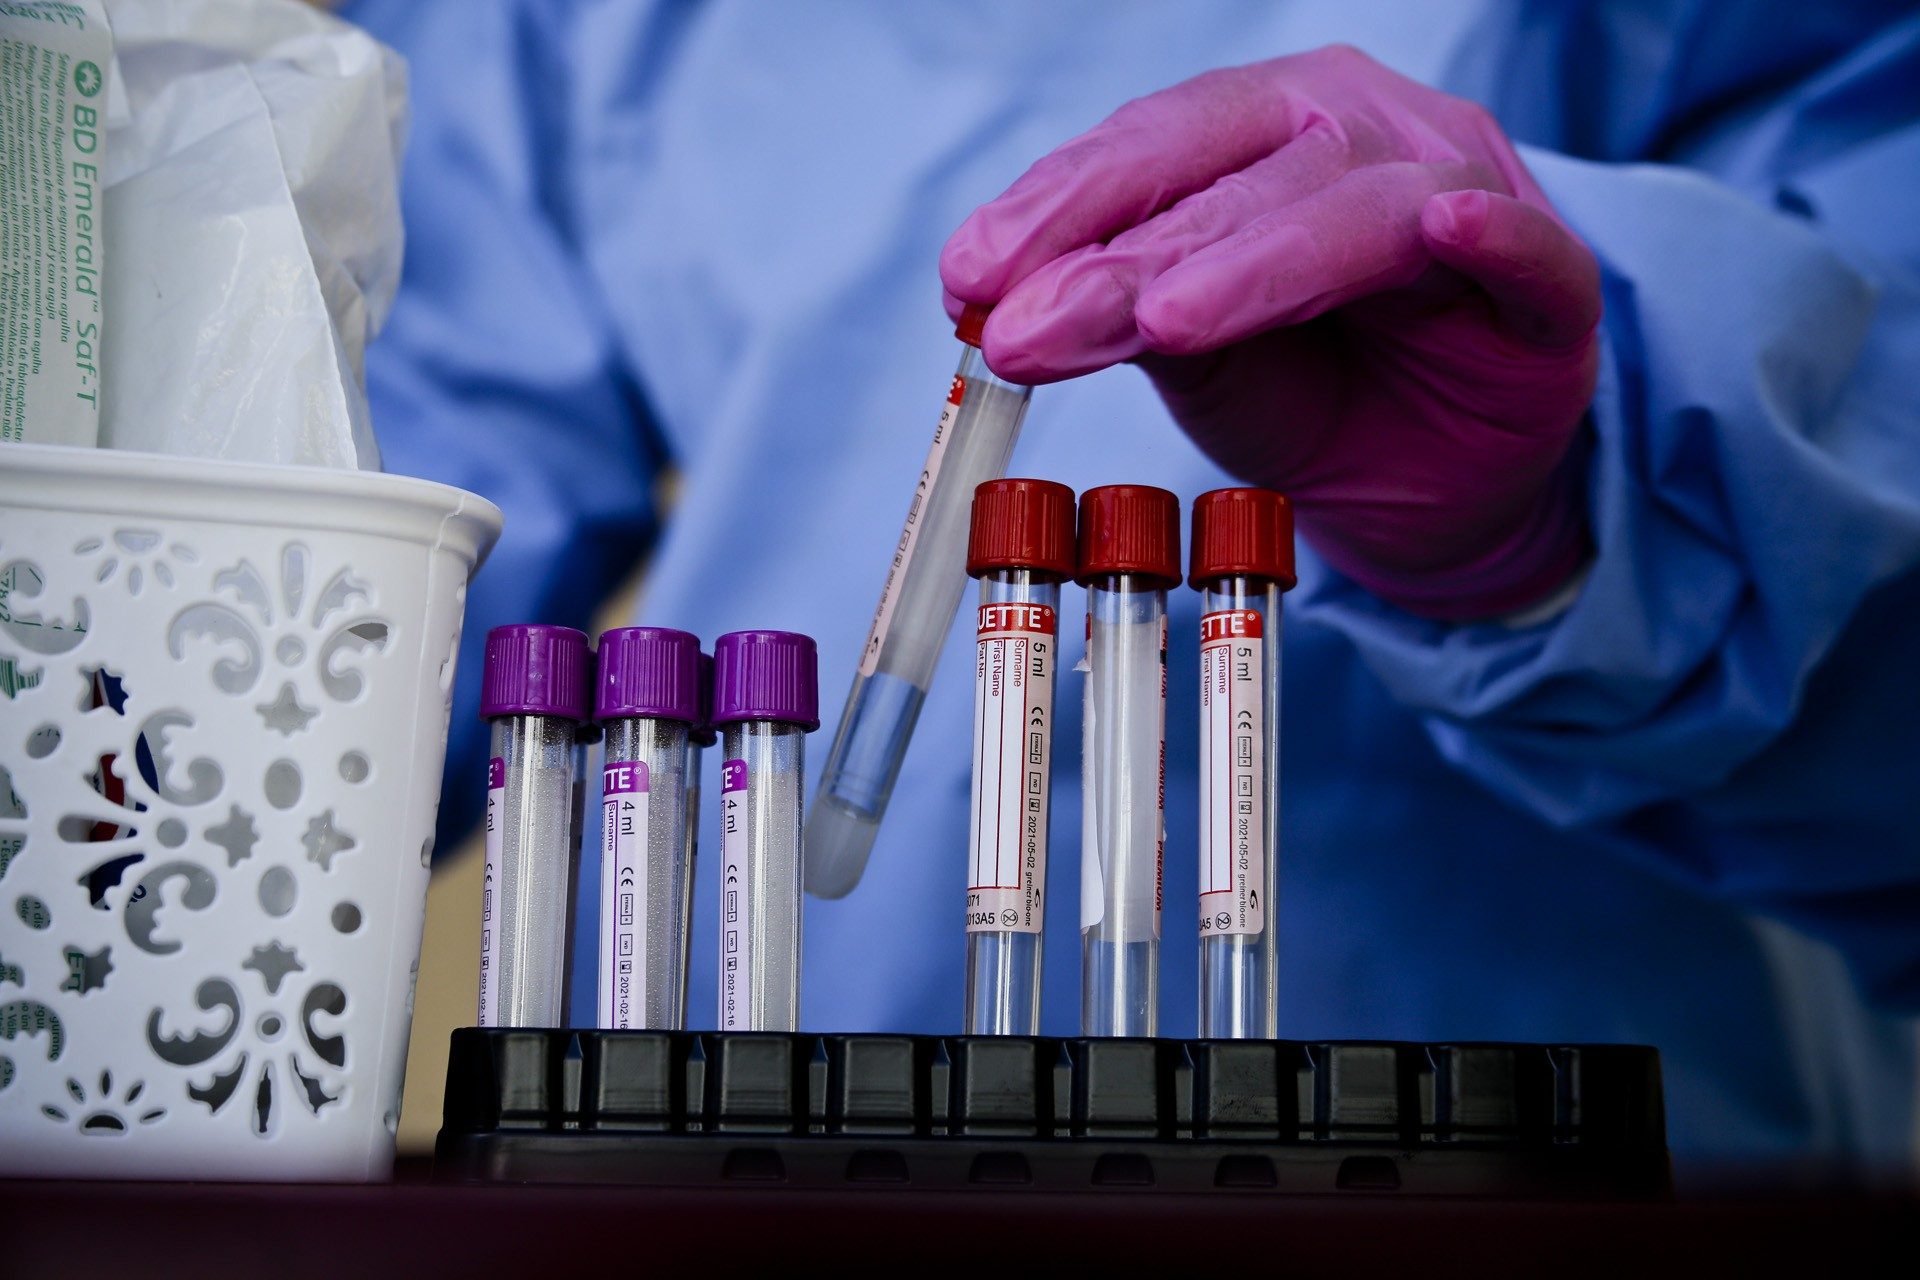 Governo Federal disponibiliza mais 500 mil testes de Covid-19 para MG; estado testa 8,5% da capacidade diária